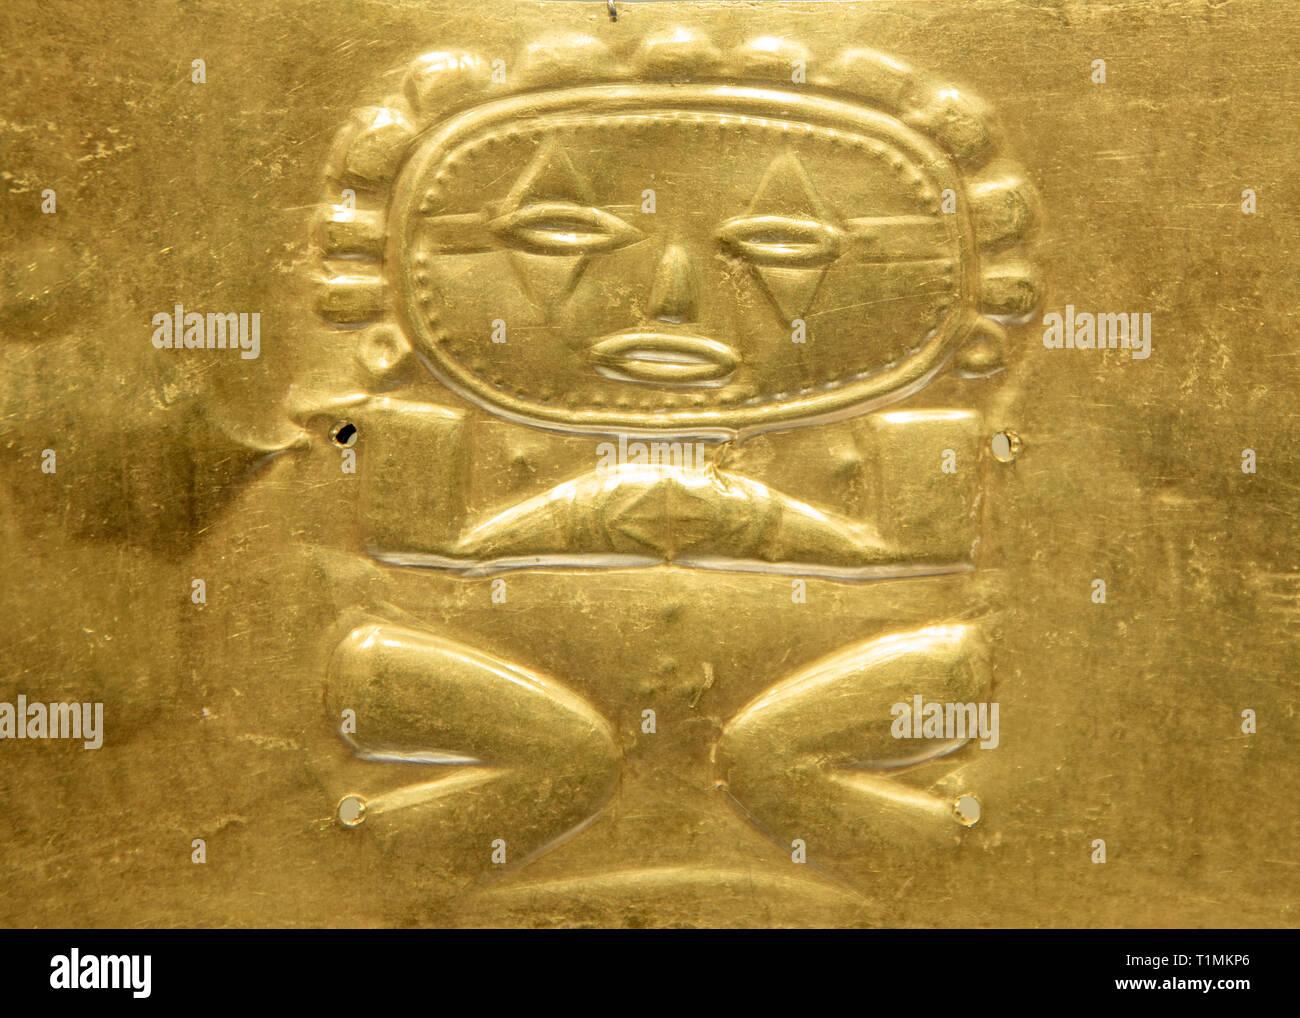 Antiguos artefactos precolombinos en el Museo del Oro, Colombia, Bogota. Imagen De Stock